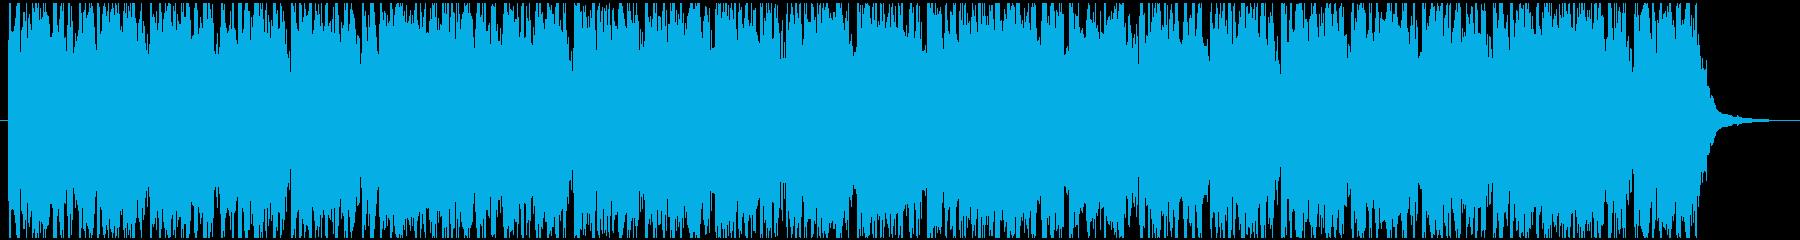 ハッピーバースデー ポップなリミックスの再生済みの波形